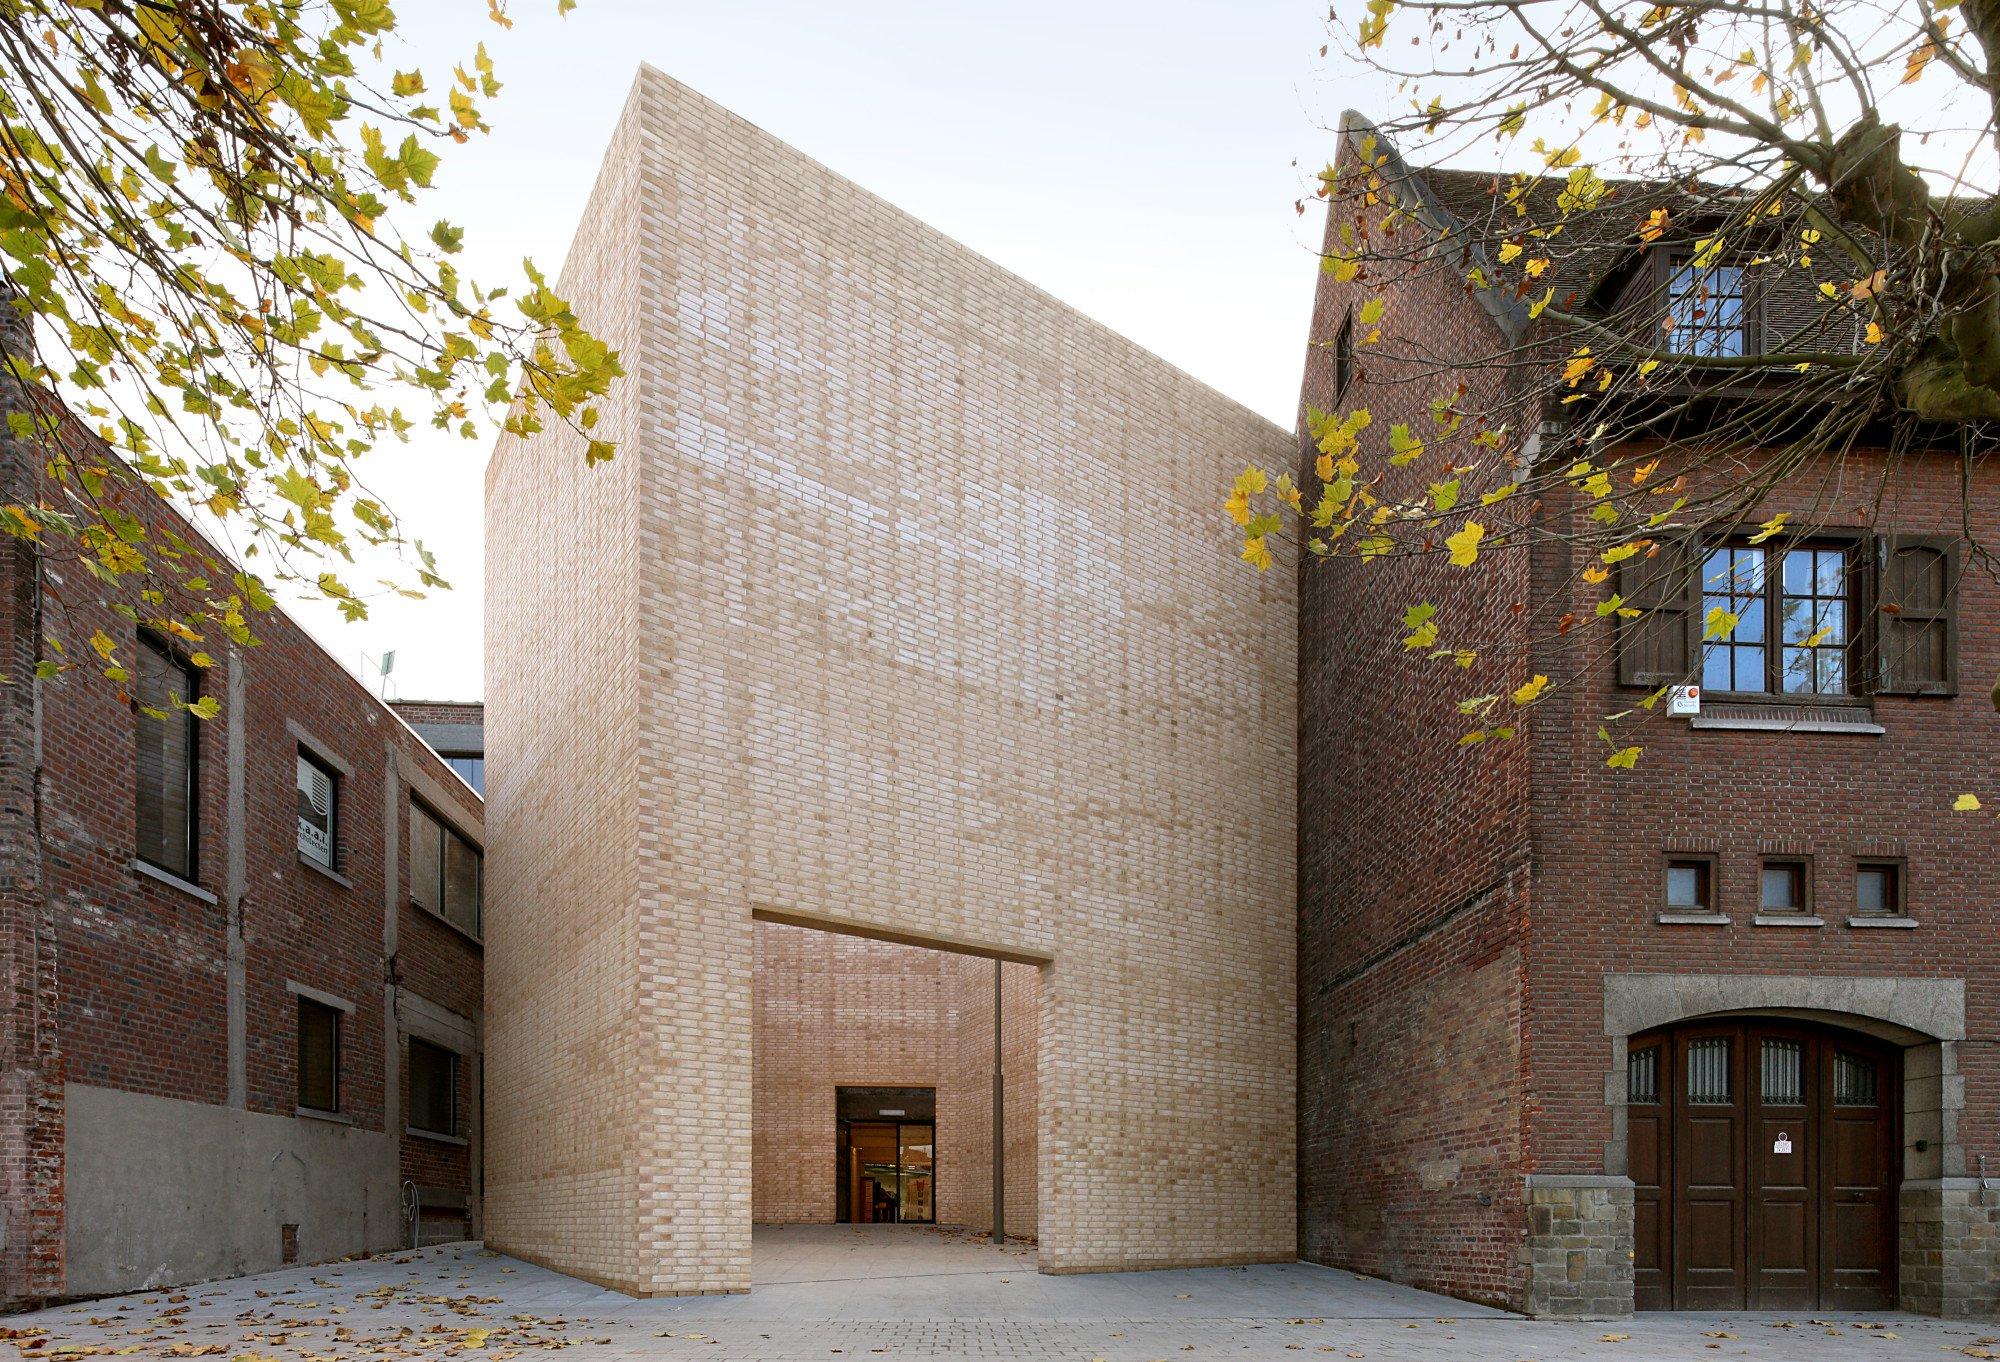 Kunstzentrum buda in kortrijk mauerwerk kultur for Dujardin kortrijk